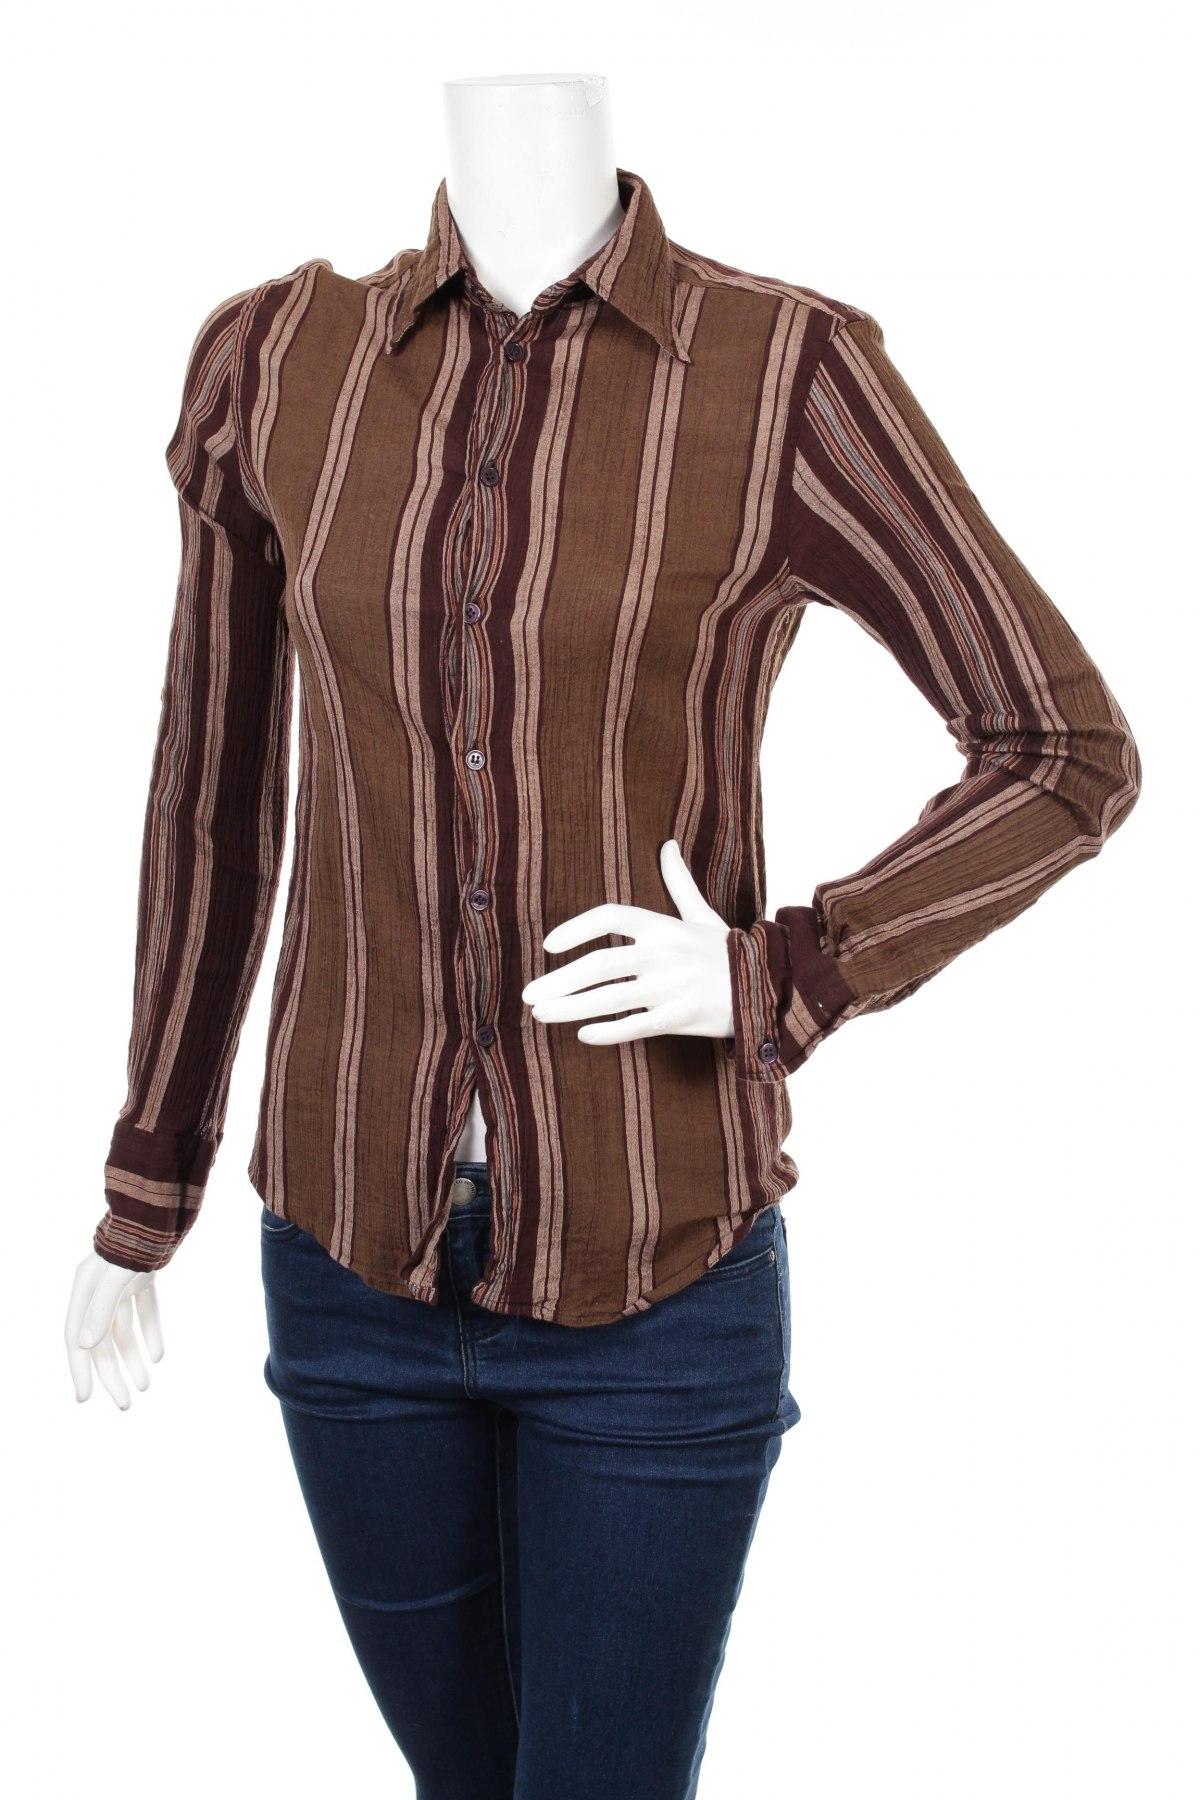 Γυναικείο πουκάμισο Zara, Μέγεθος M, Χρώμα Καφέ, Βαμβάκι, Τιμή 15,46€